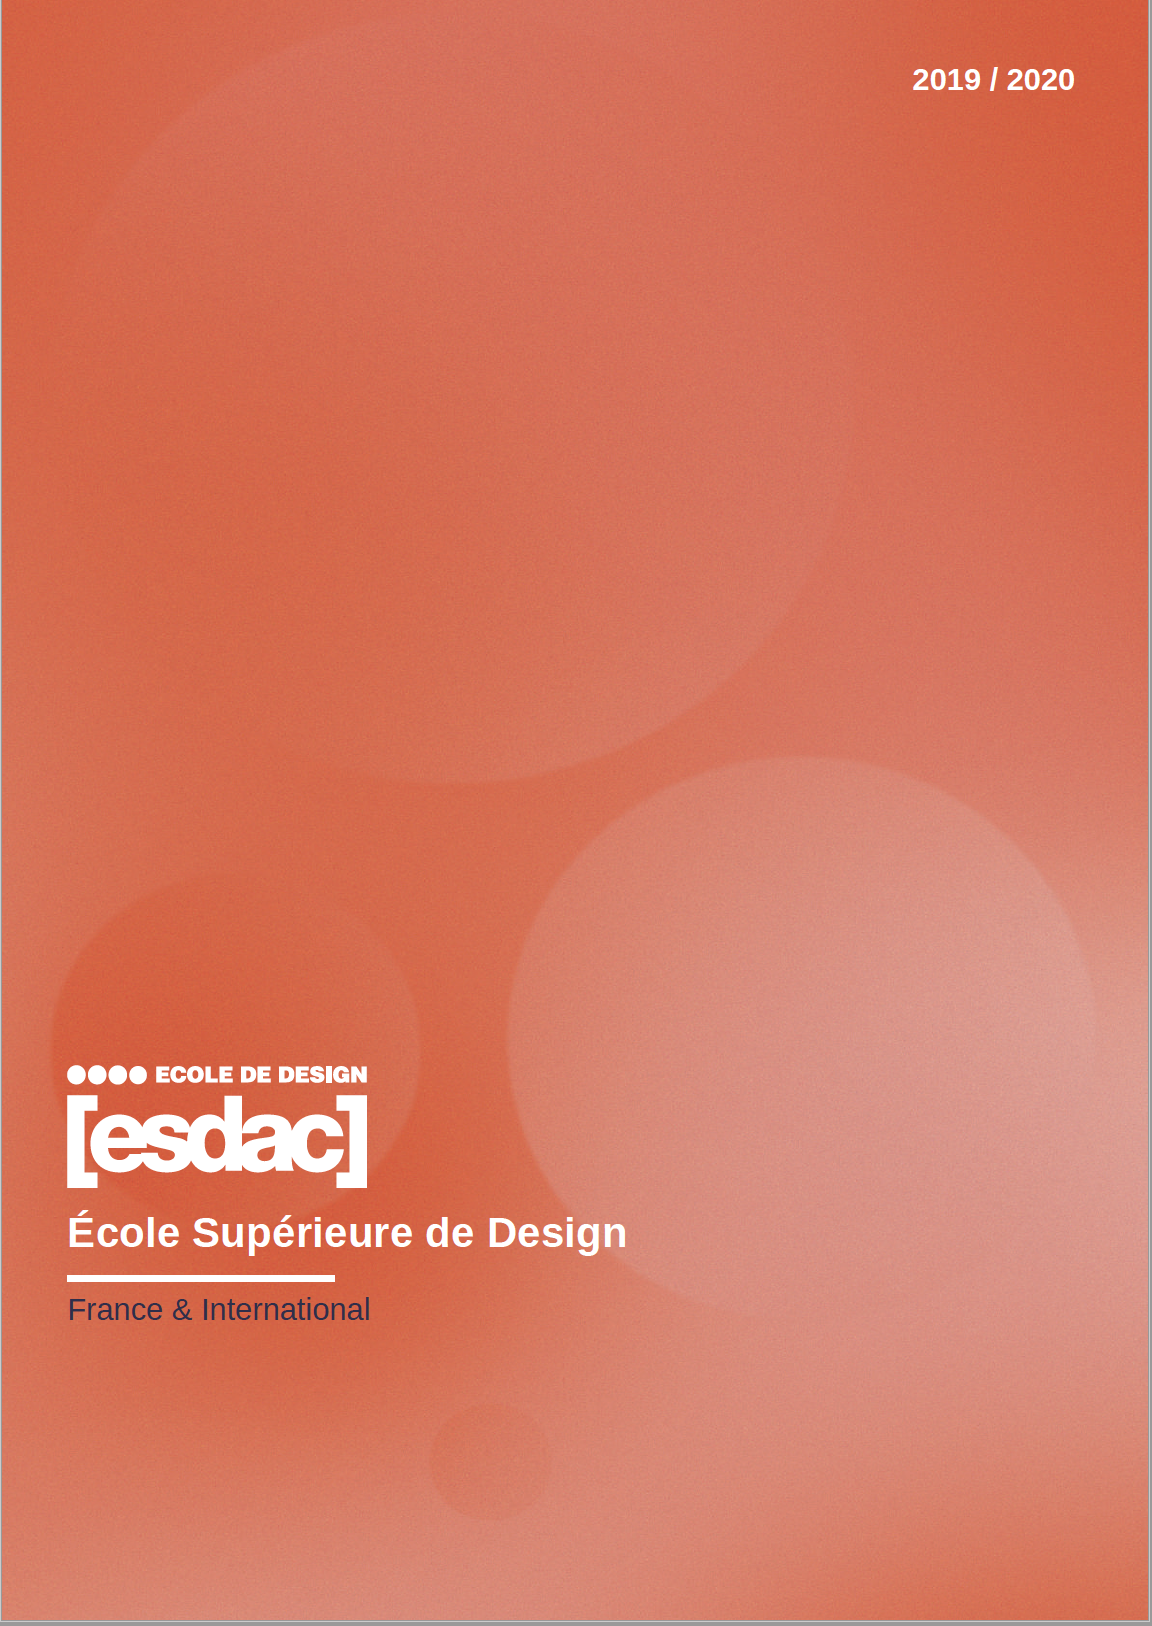 Télécharger la brochure de l'école ESDAC